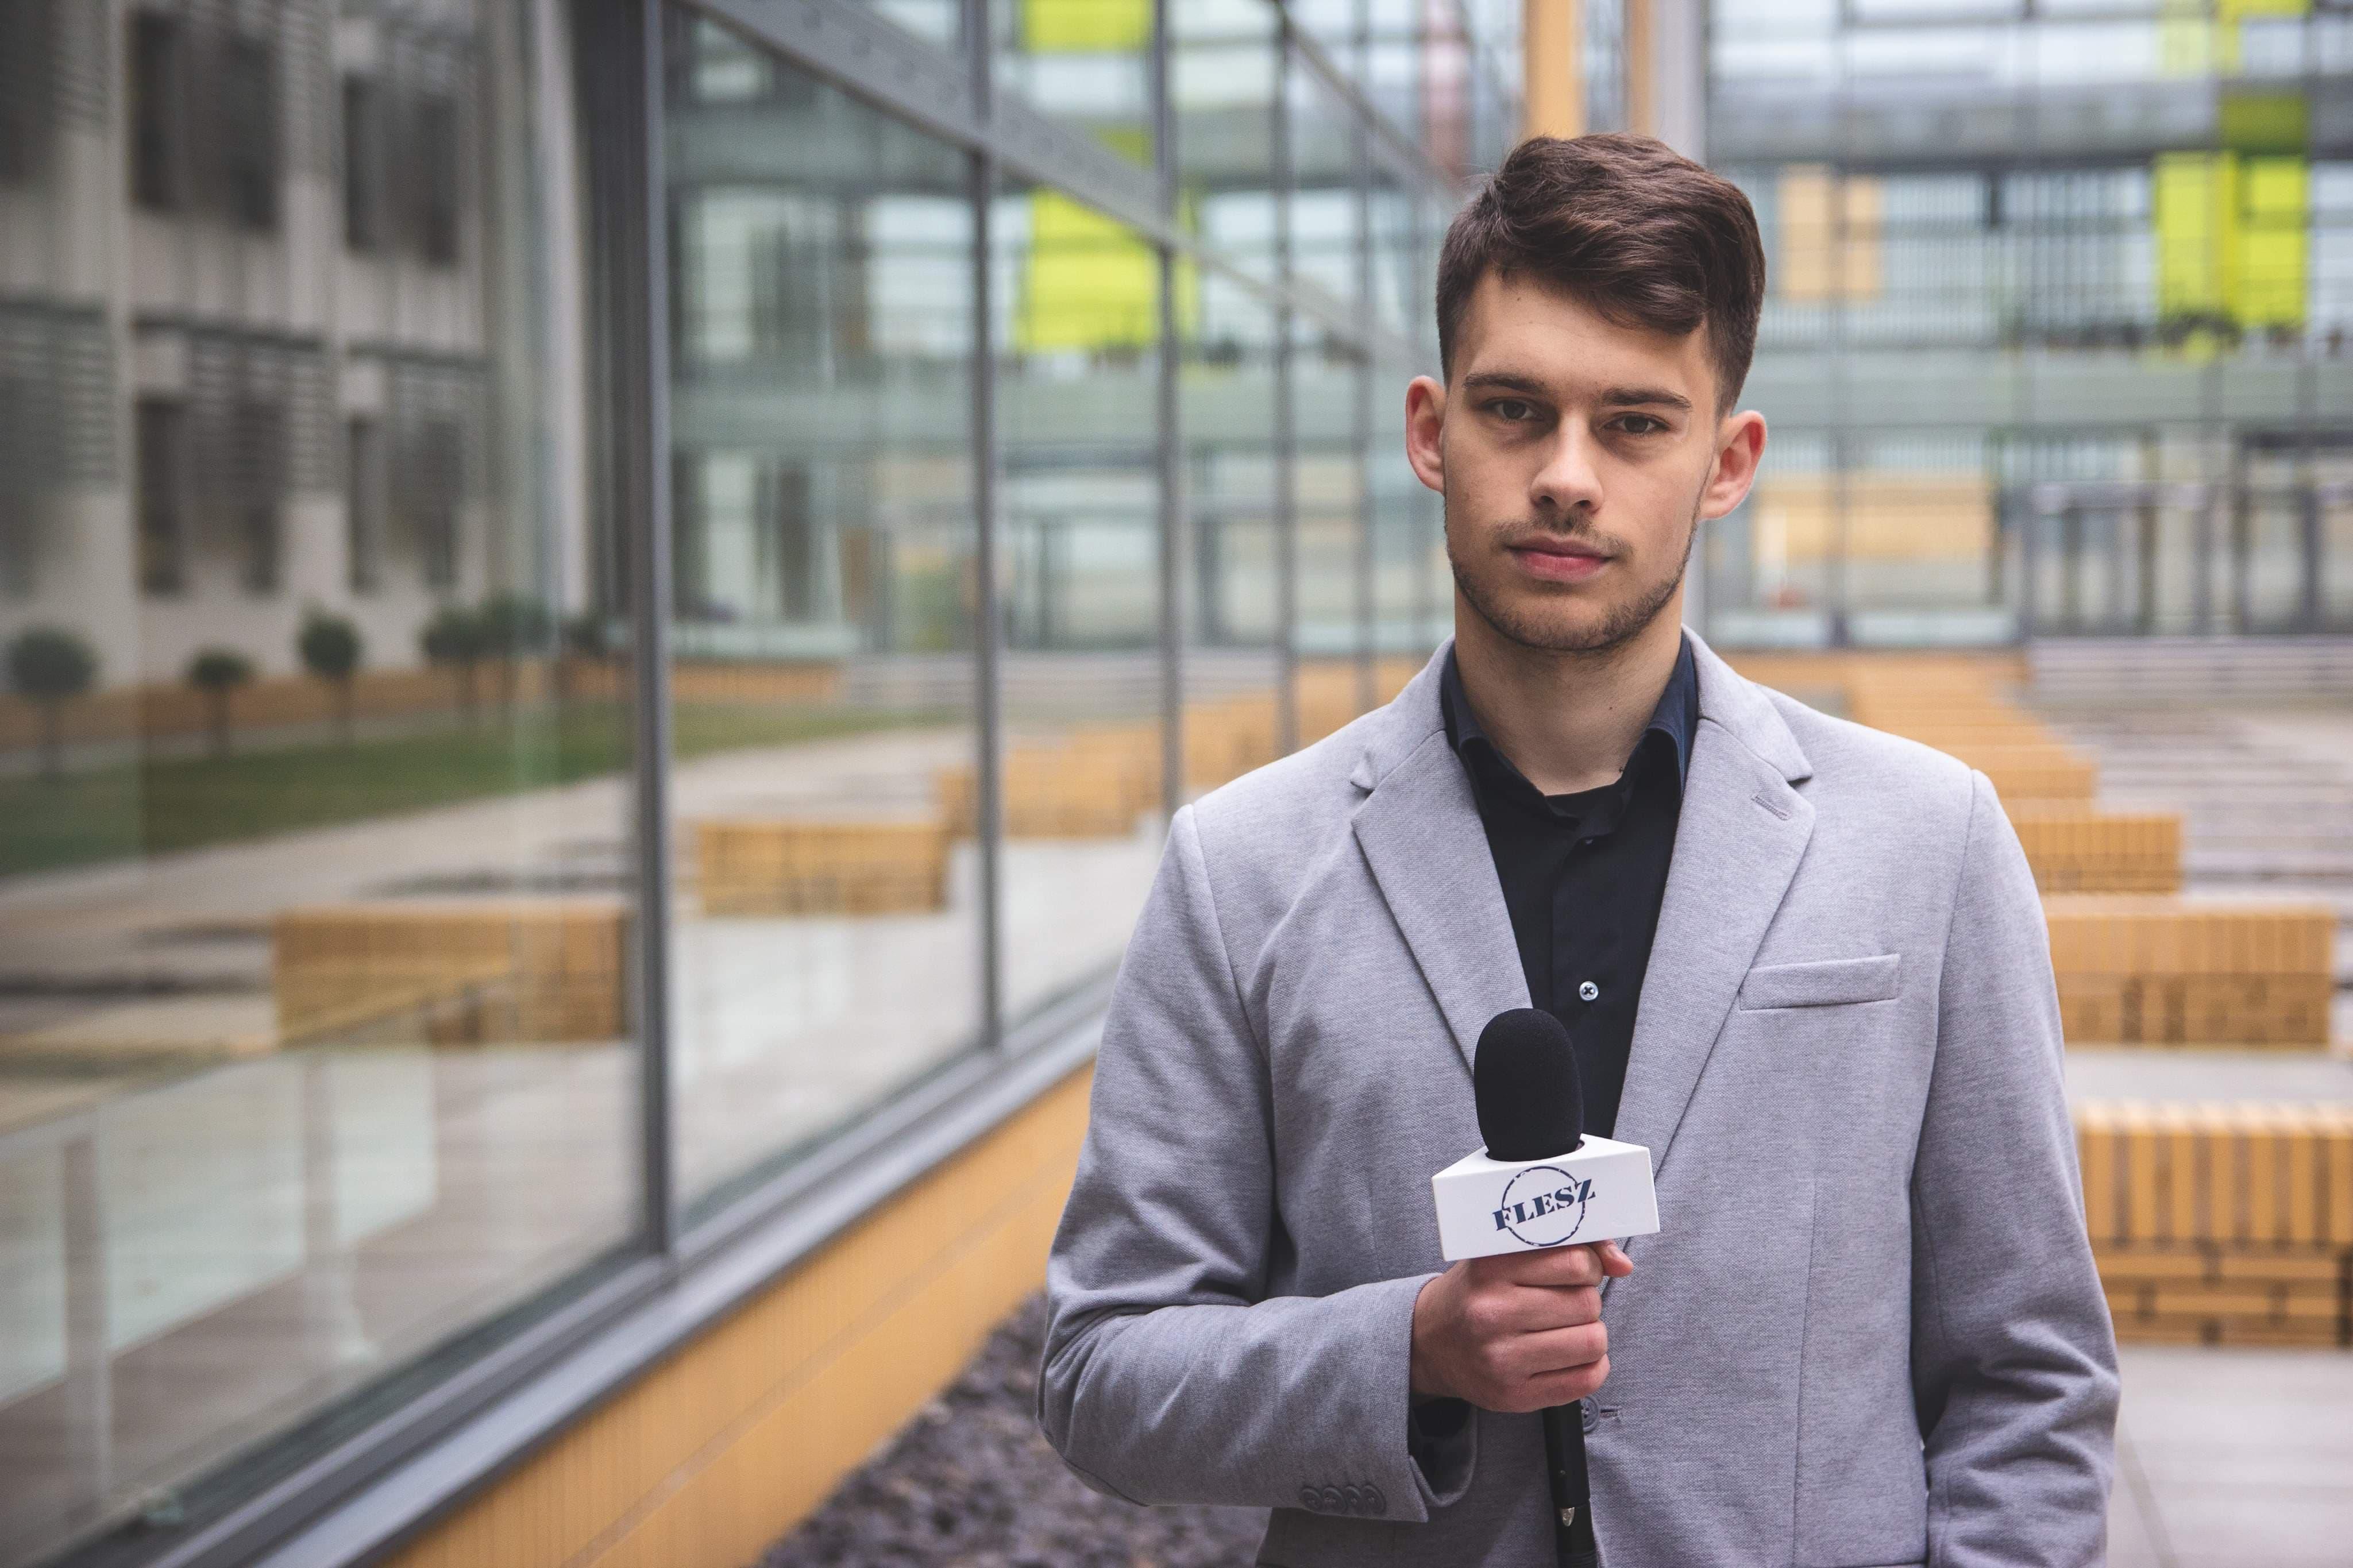 michal-krol-telewizja-studencka-flesz